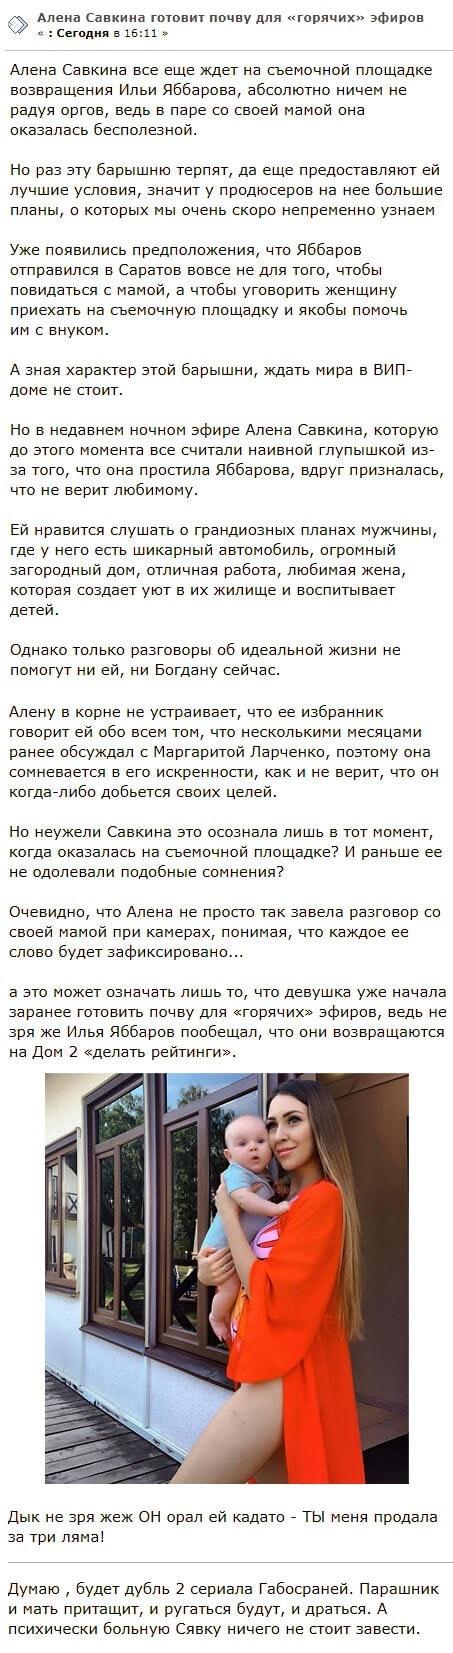 Между Алёной Савкиной и Ильёй Яббаровым грядут грандиозные скандалы